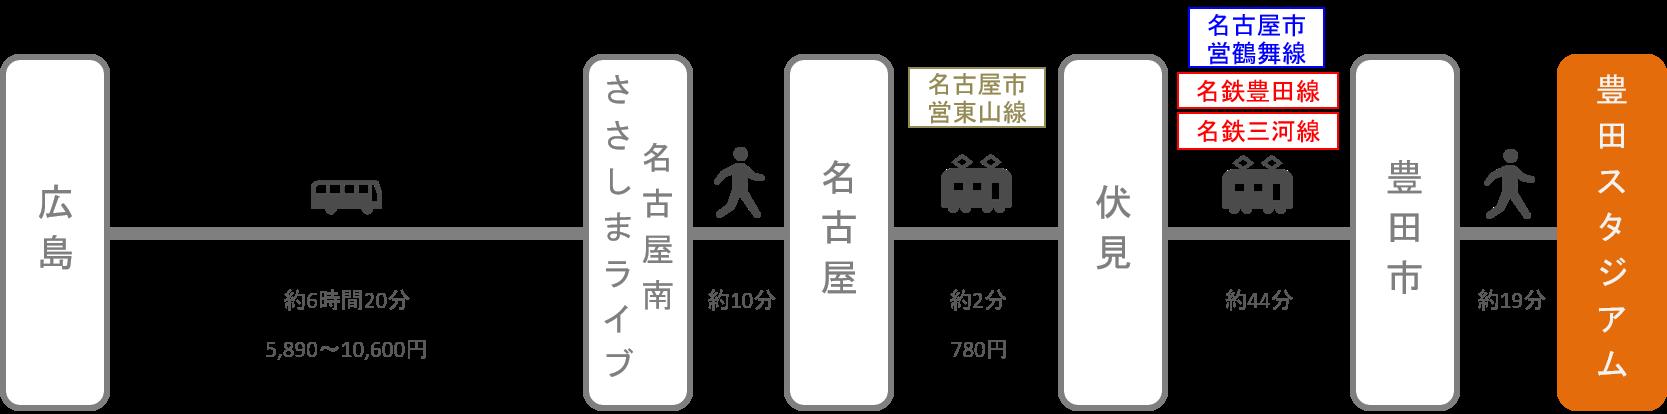 豊田スタジアム_広島_高速バス